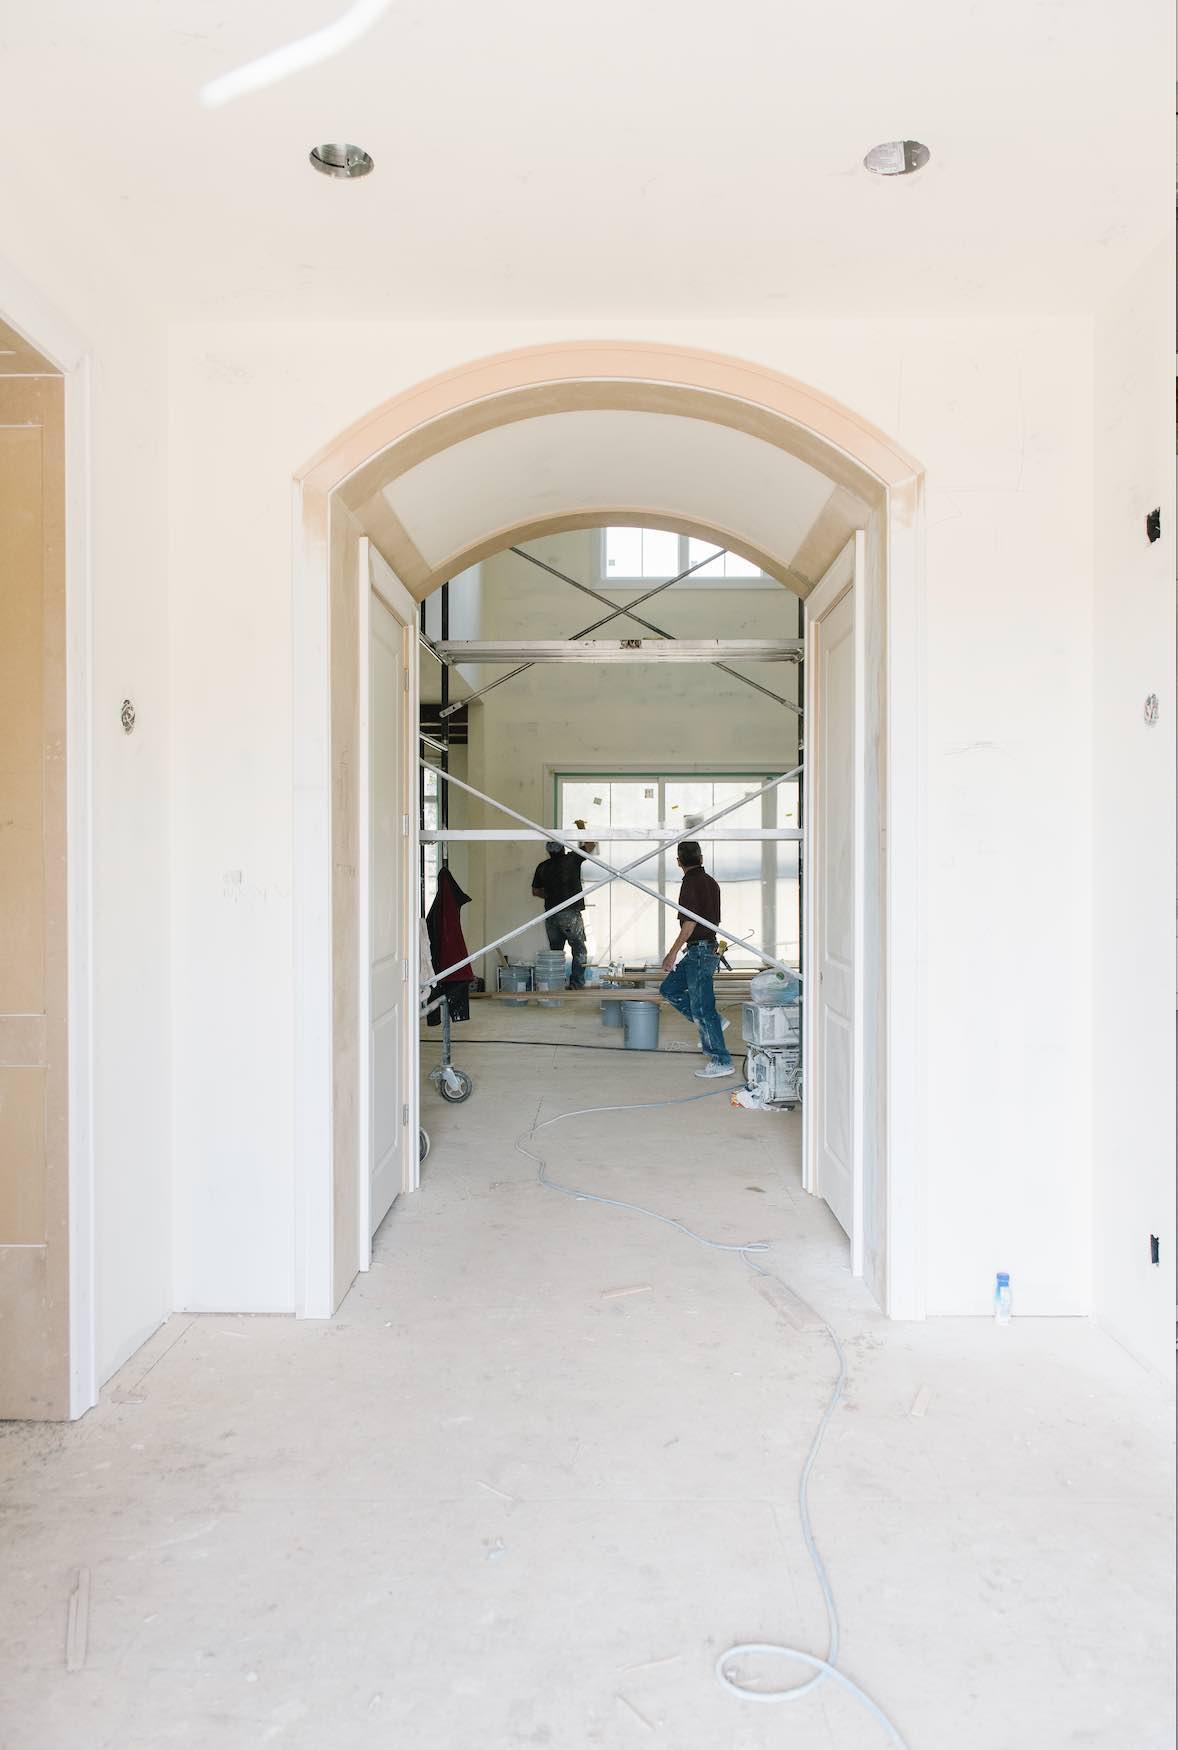 FOYER - JUST INSIDE FRONT DOOR